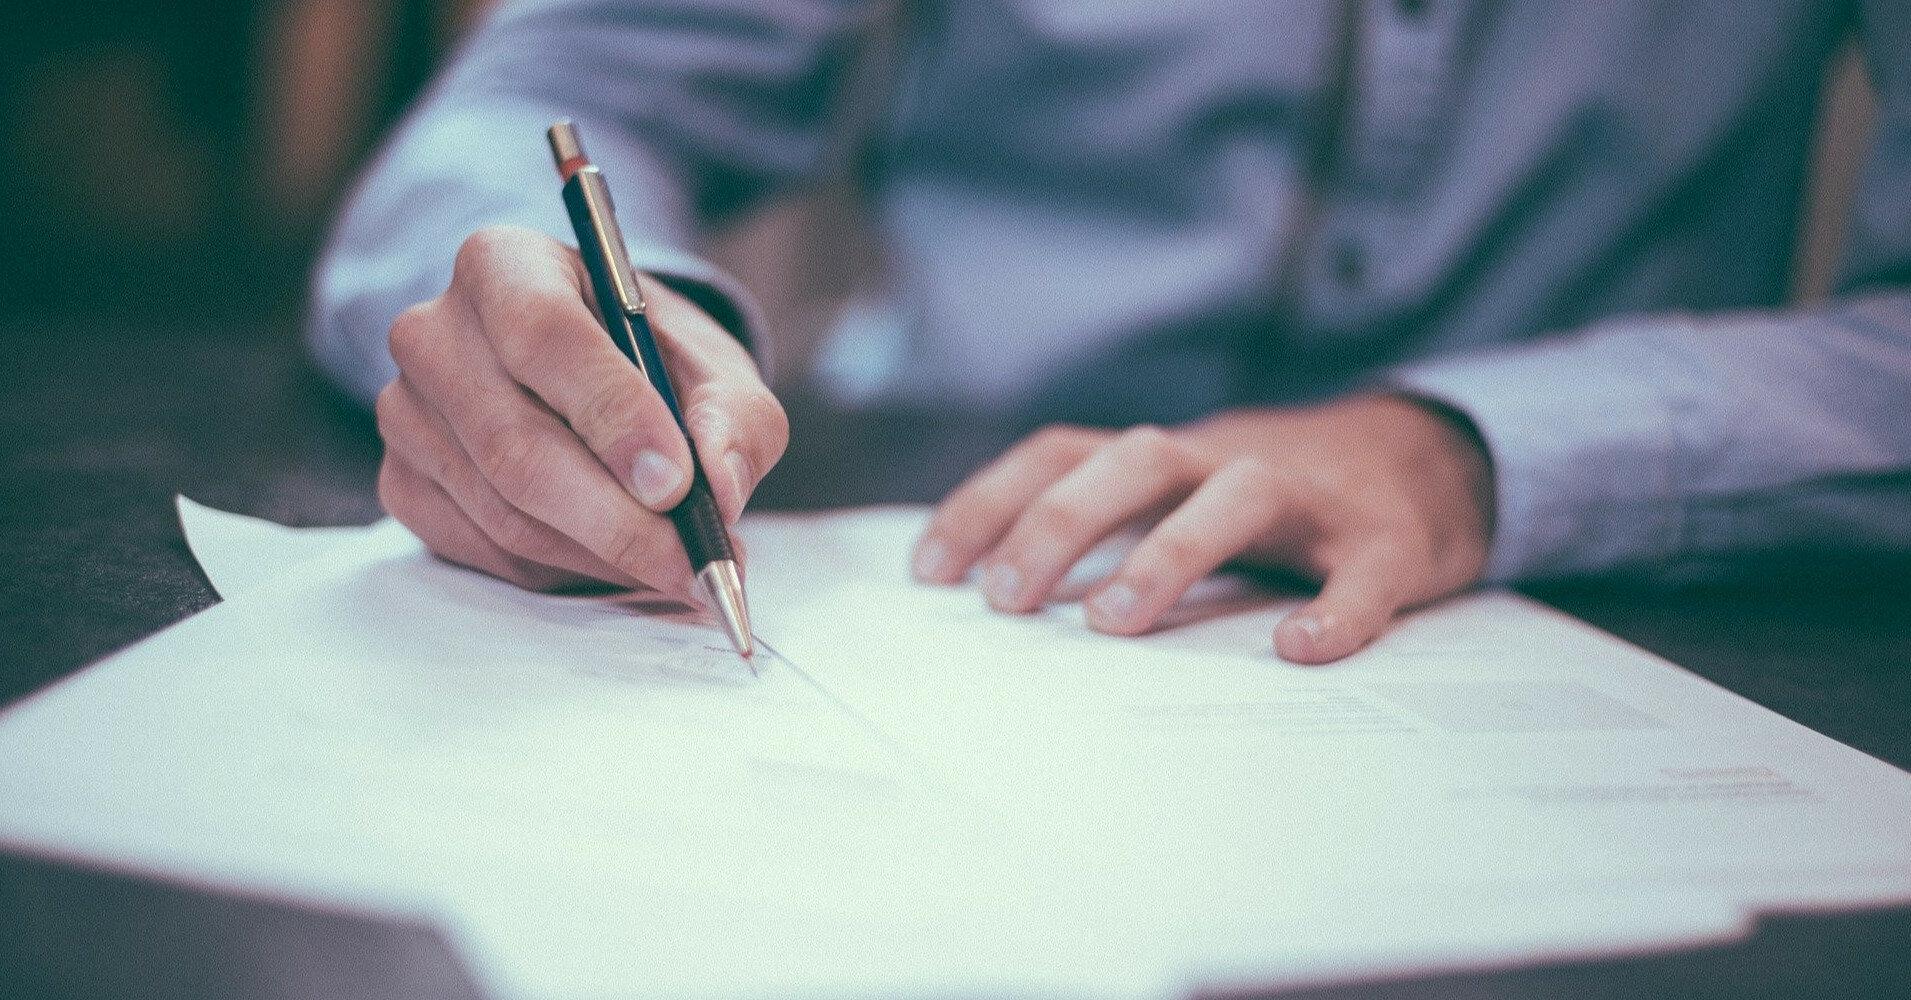 Служба труда объявила о возобновлении внеплановых проверок бизнеса